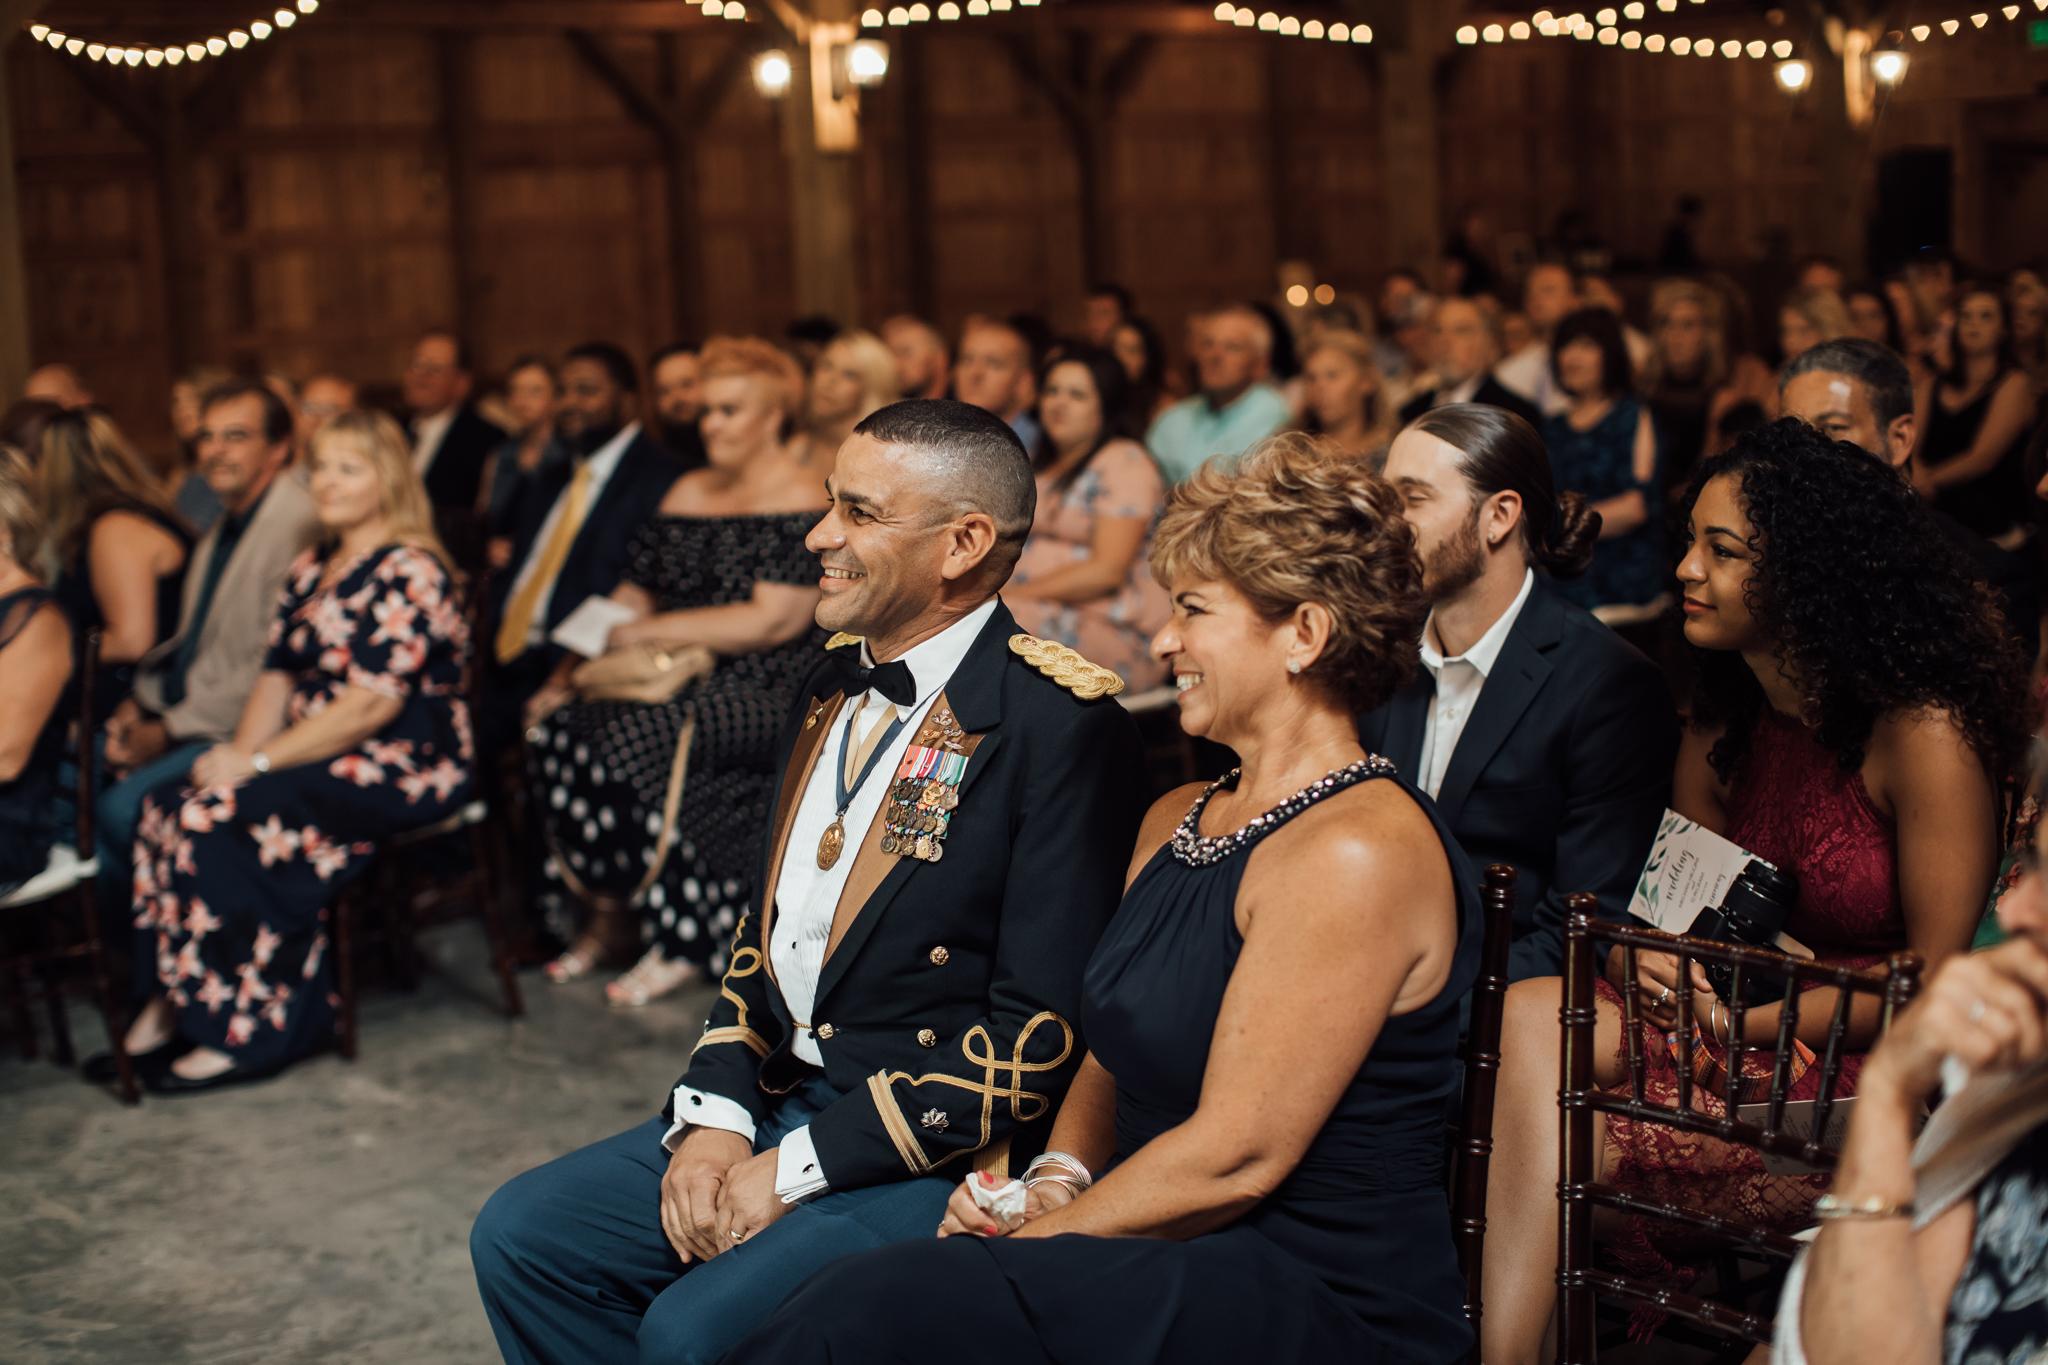 saddlewoodsfarms-nashville-wedding-photographer-thewarmtharoundyou-rustic-wedding (21 of 251).jpg